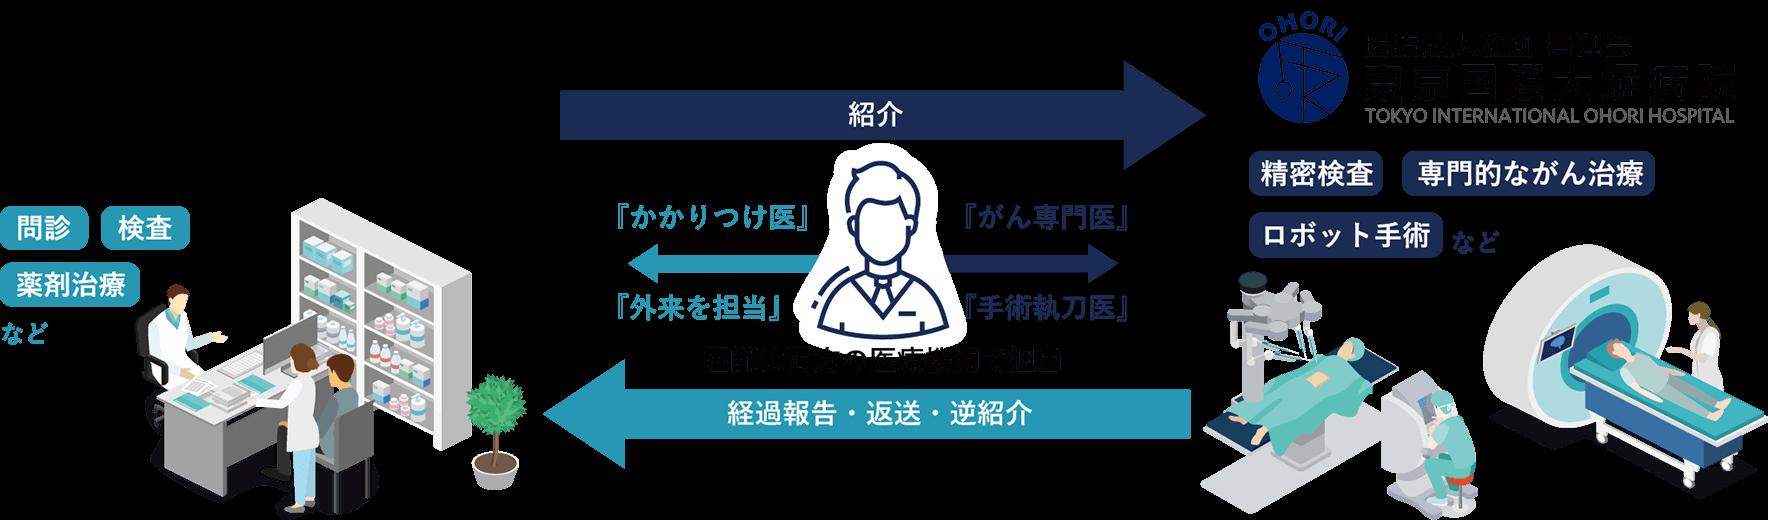 東京国際大堀病院と関連病院との医療連携図